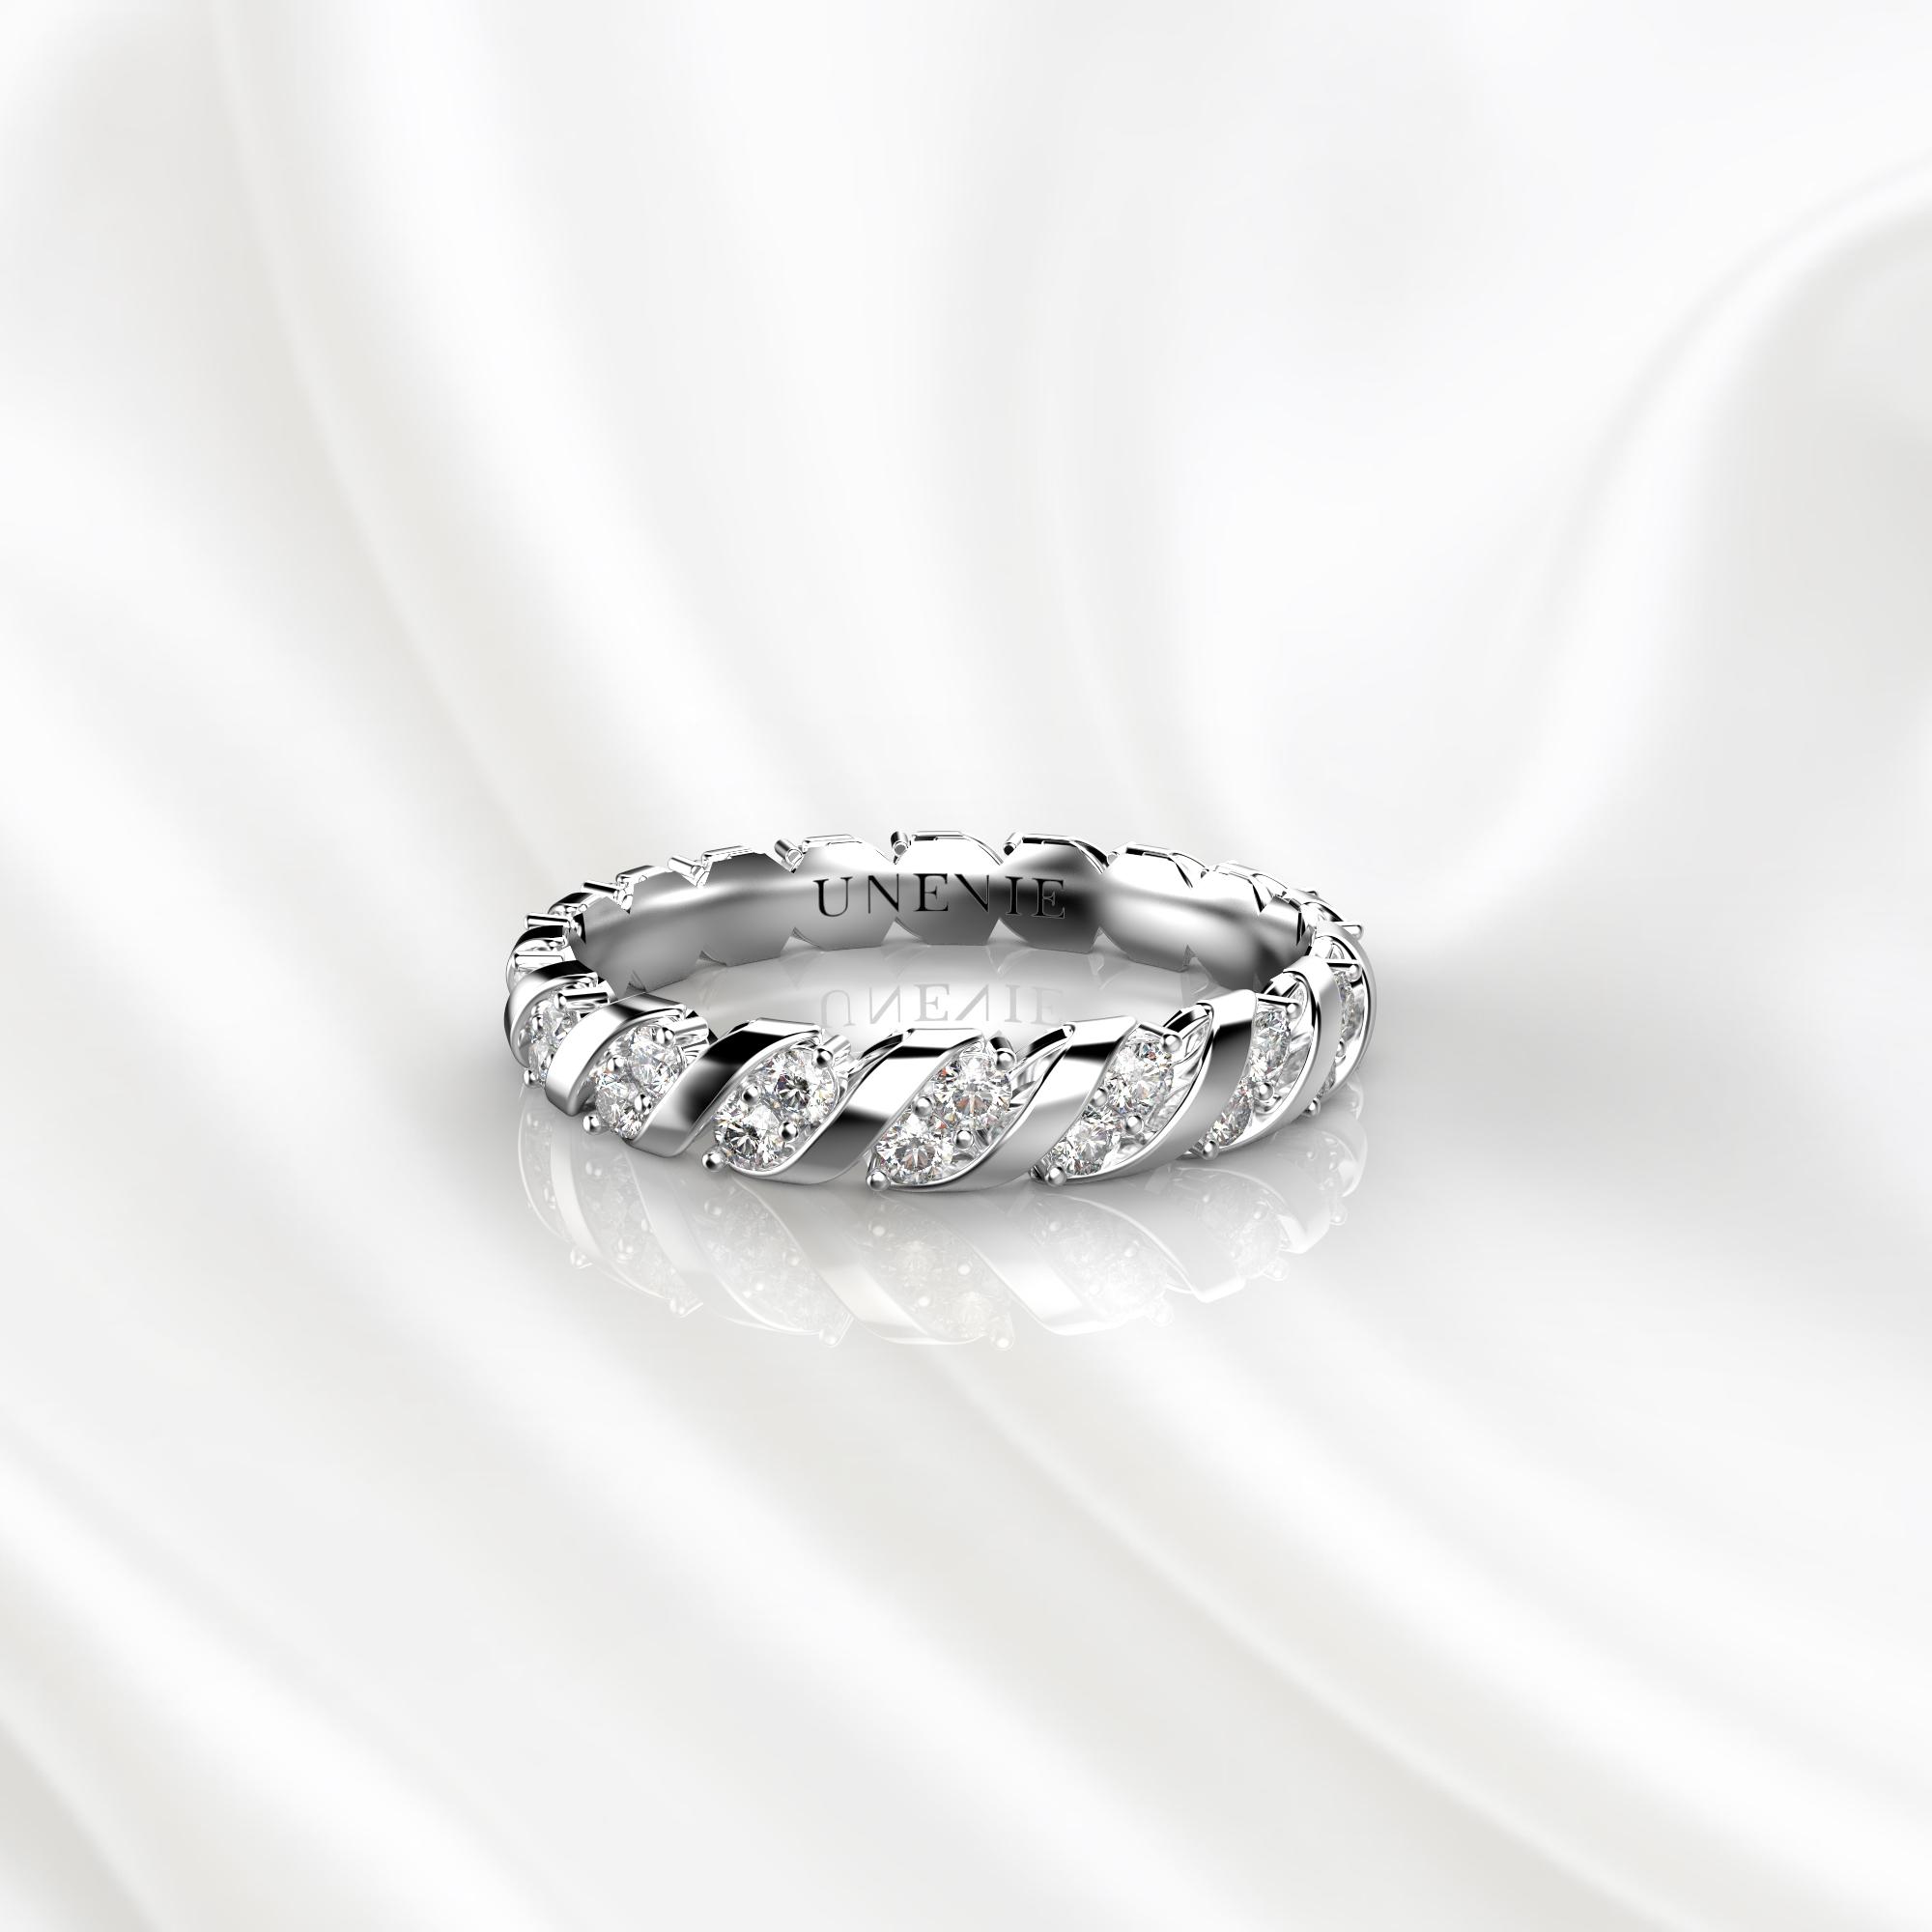 E16 Обручальное кольцо из белого золота с 36 бриллиантами